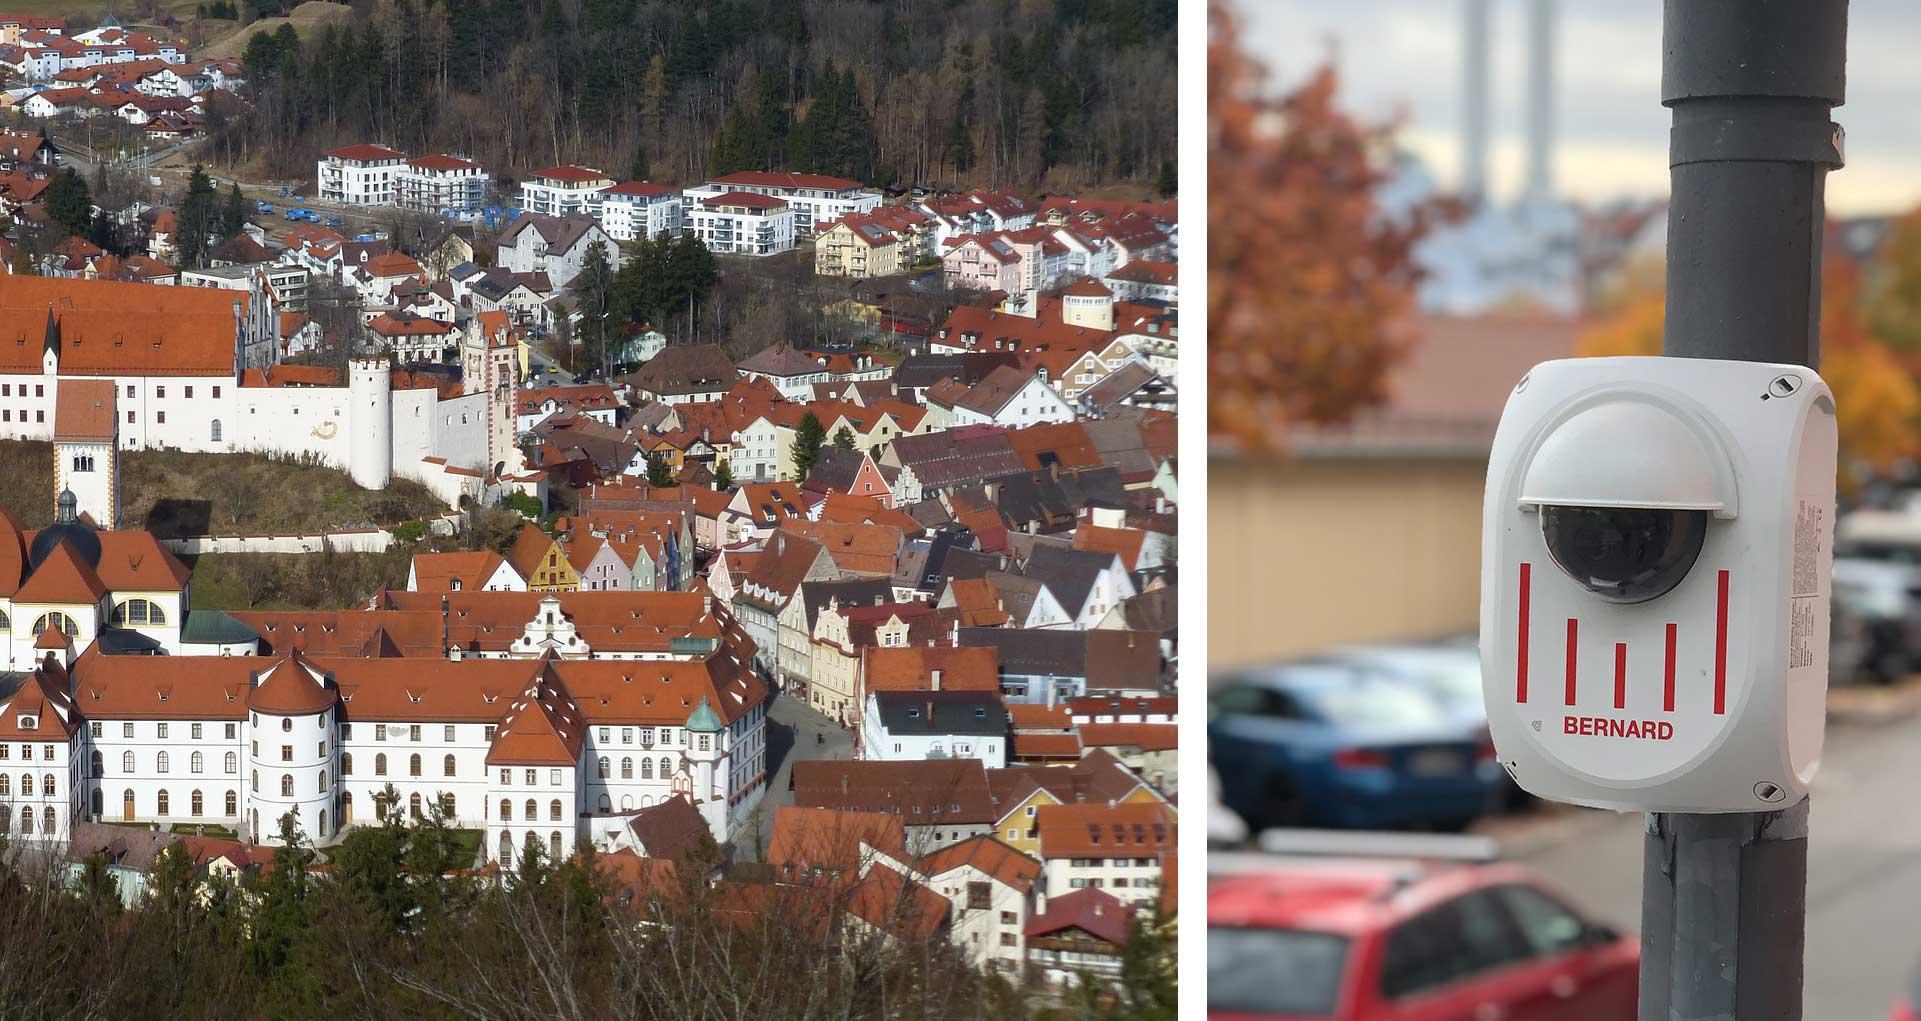 Der Verkehrsablauf in Füssen und Schwangau ist geprägt von einem hohen Verkehrsaufkommen